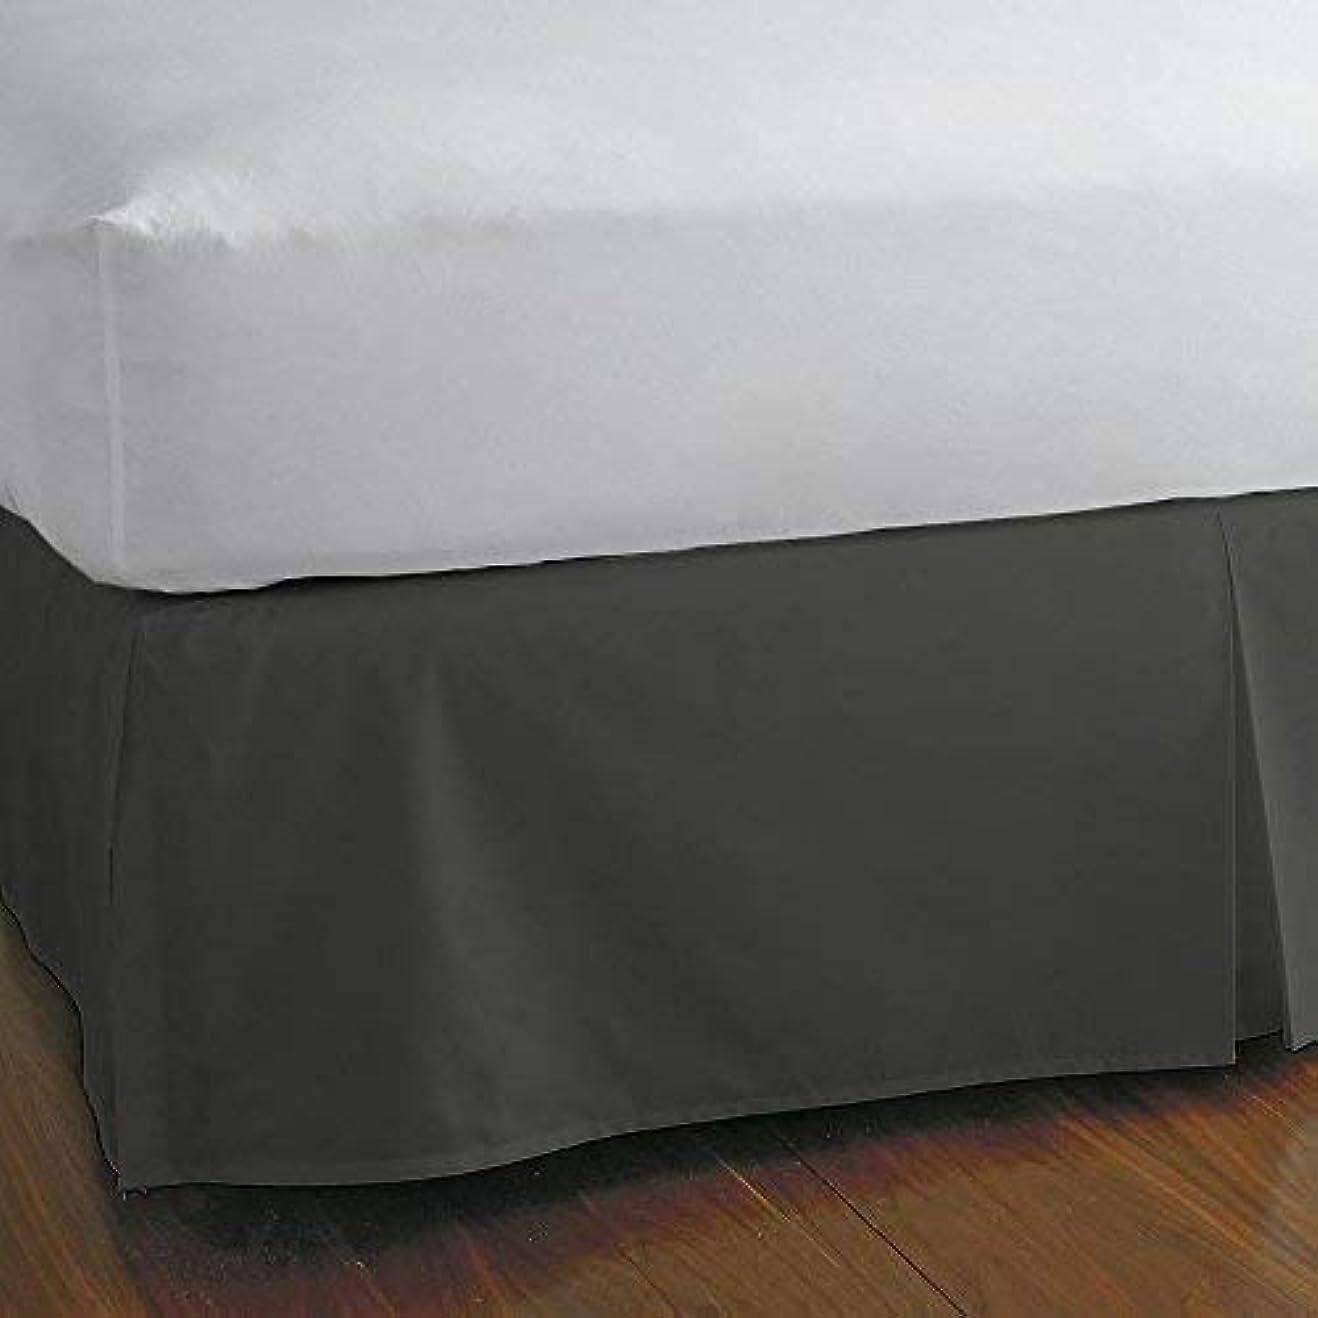 小康ベットKPリネンRVサイズ分割コーナーベッドスカート16インチドロップ?–?100?%エジプト綿の豪華な&低刺激性簡単に洗いWrinkle、(ホワイト、RVサイズベッドスカートwith 16インチドロップ) King 76 '' x 80''